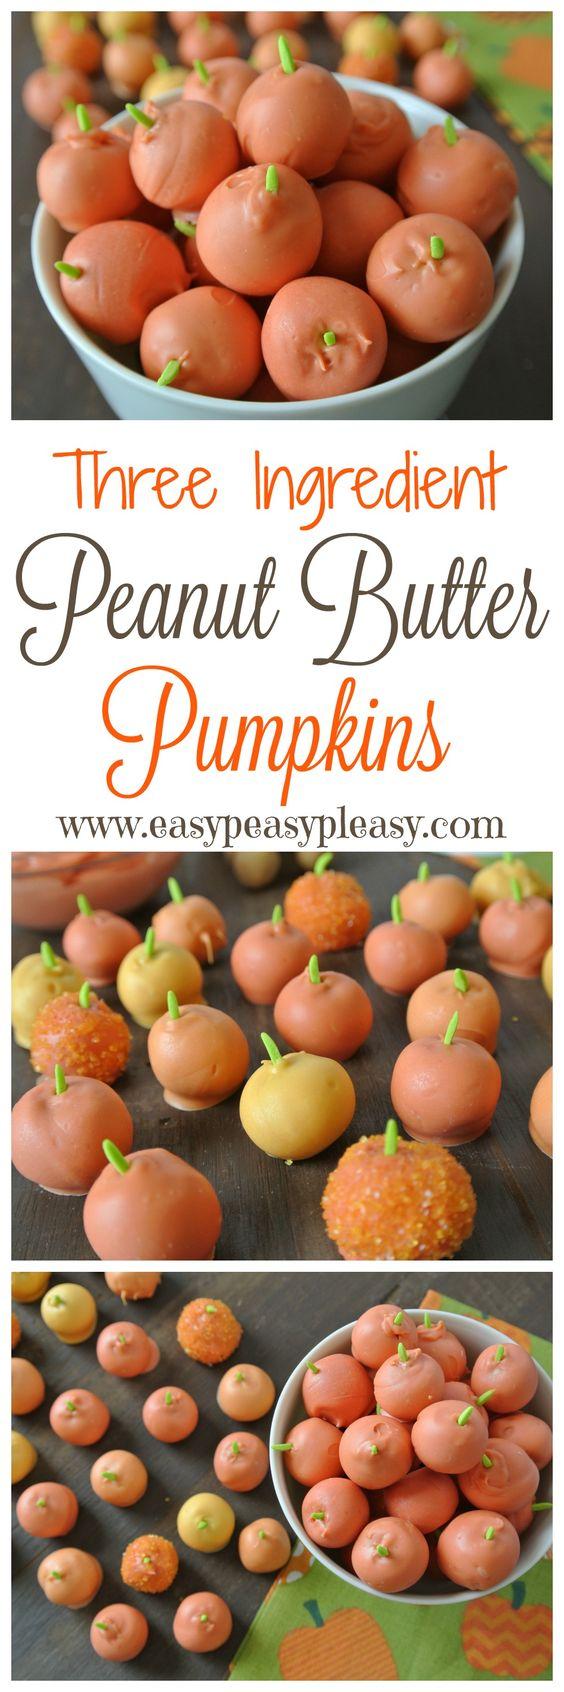 Thanksgiving Desserts: Easy 3 Ingredient Peanut Butter Pumpkins